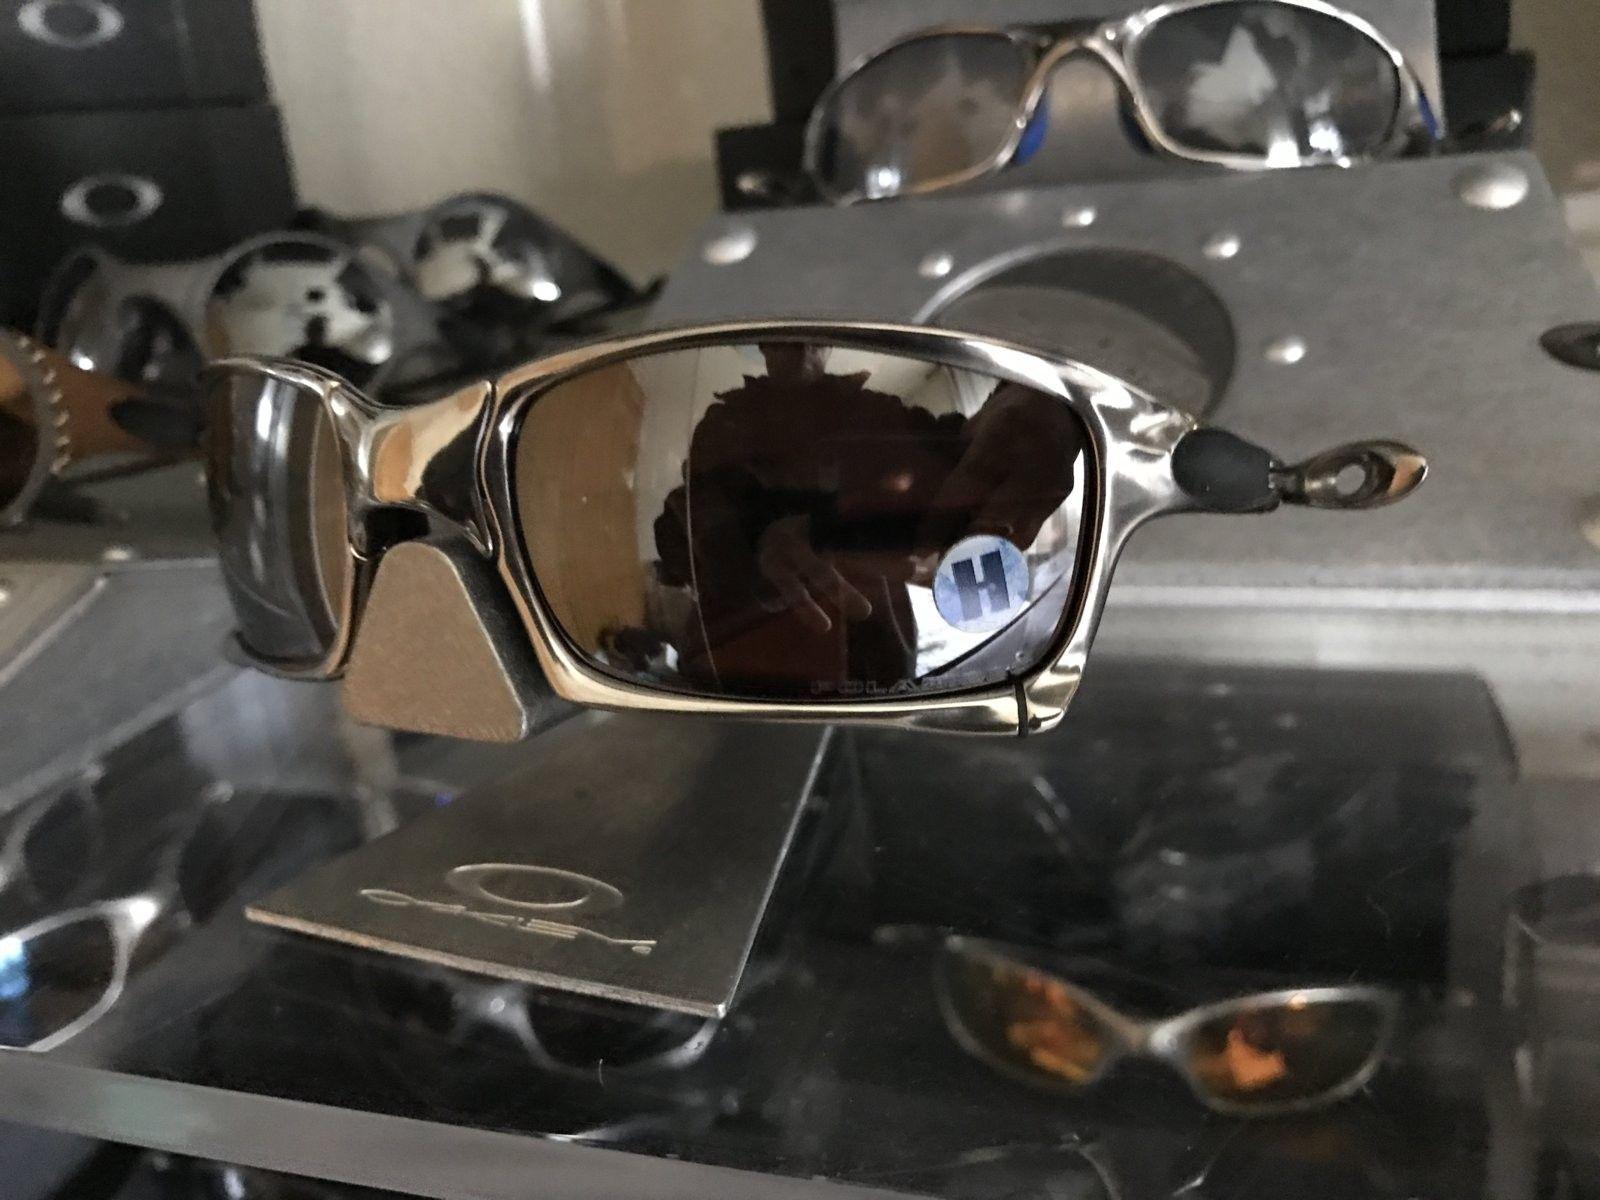 More metals: HalX (sold), LNIB juliet Ducati, bnib Xsquared polished vr28 - IMG_5107.JPG